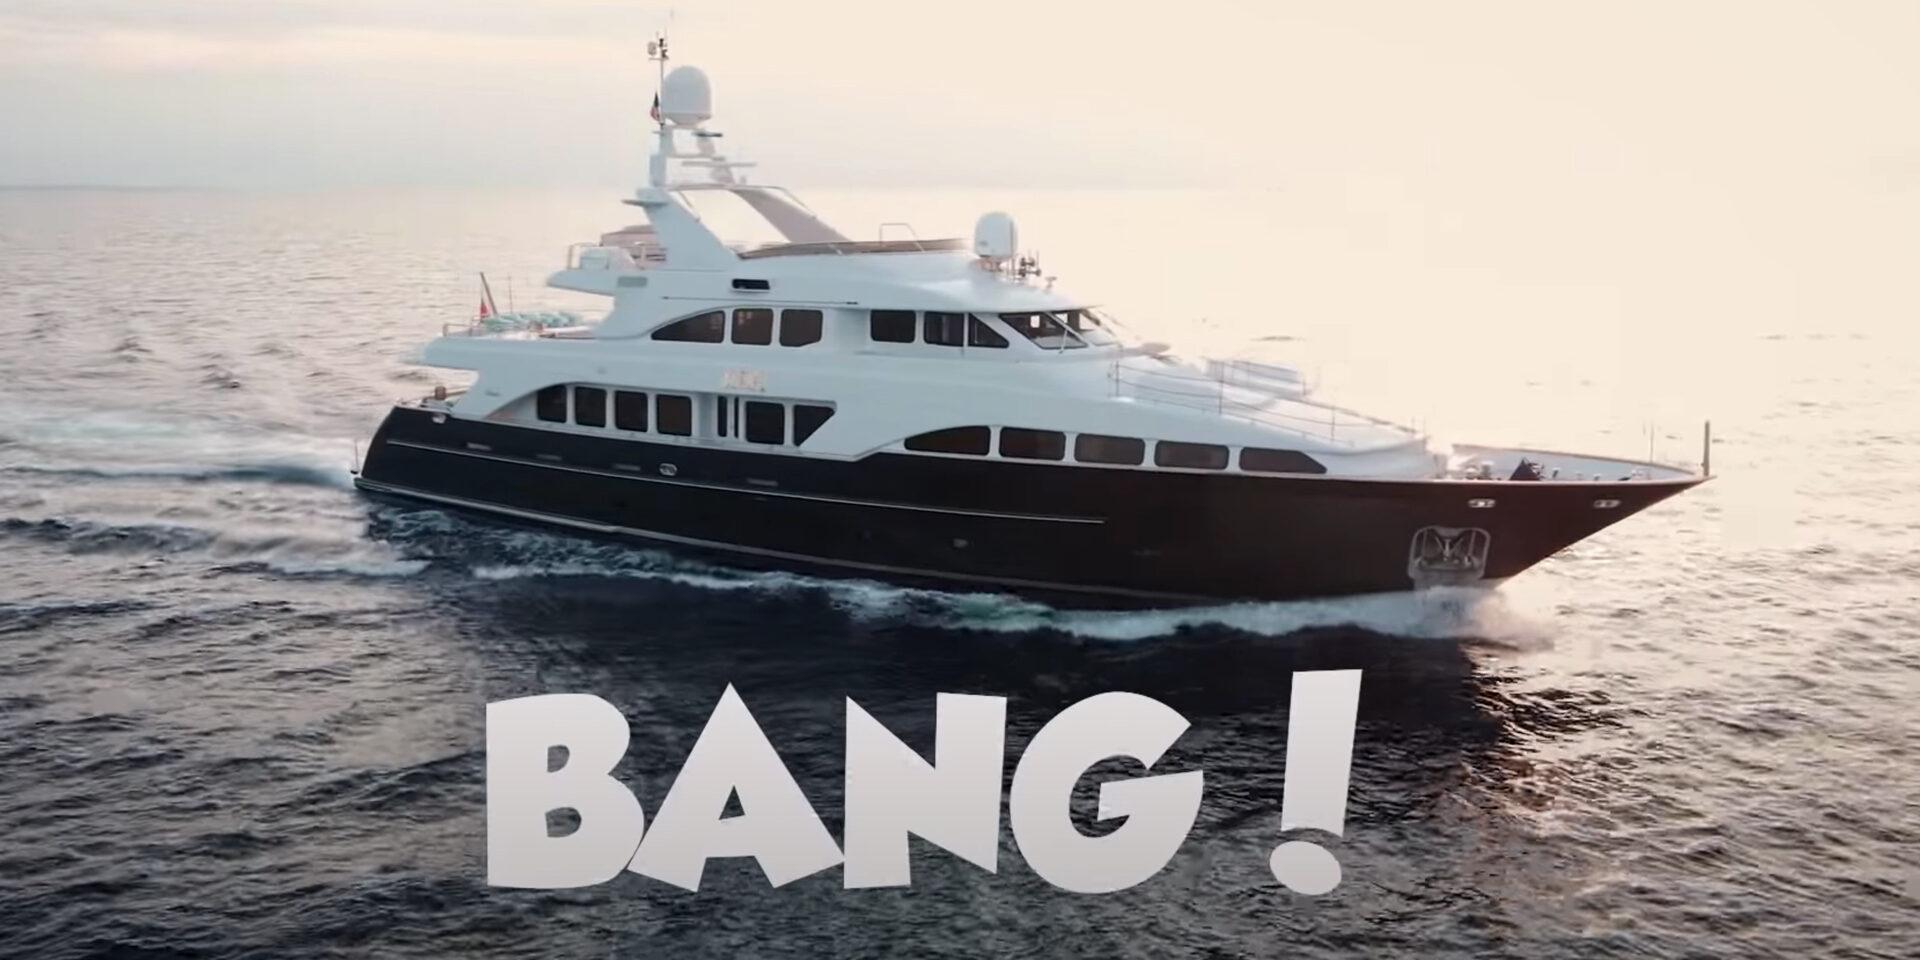 BENETTI CLASSIC 37m 'BANG' – SHORT DOCUMENTARY